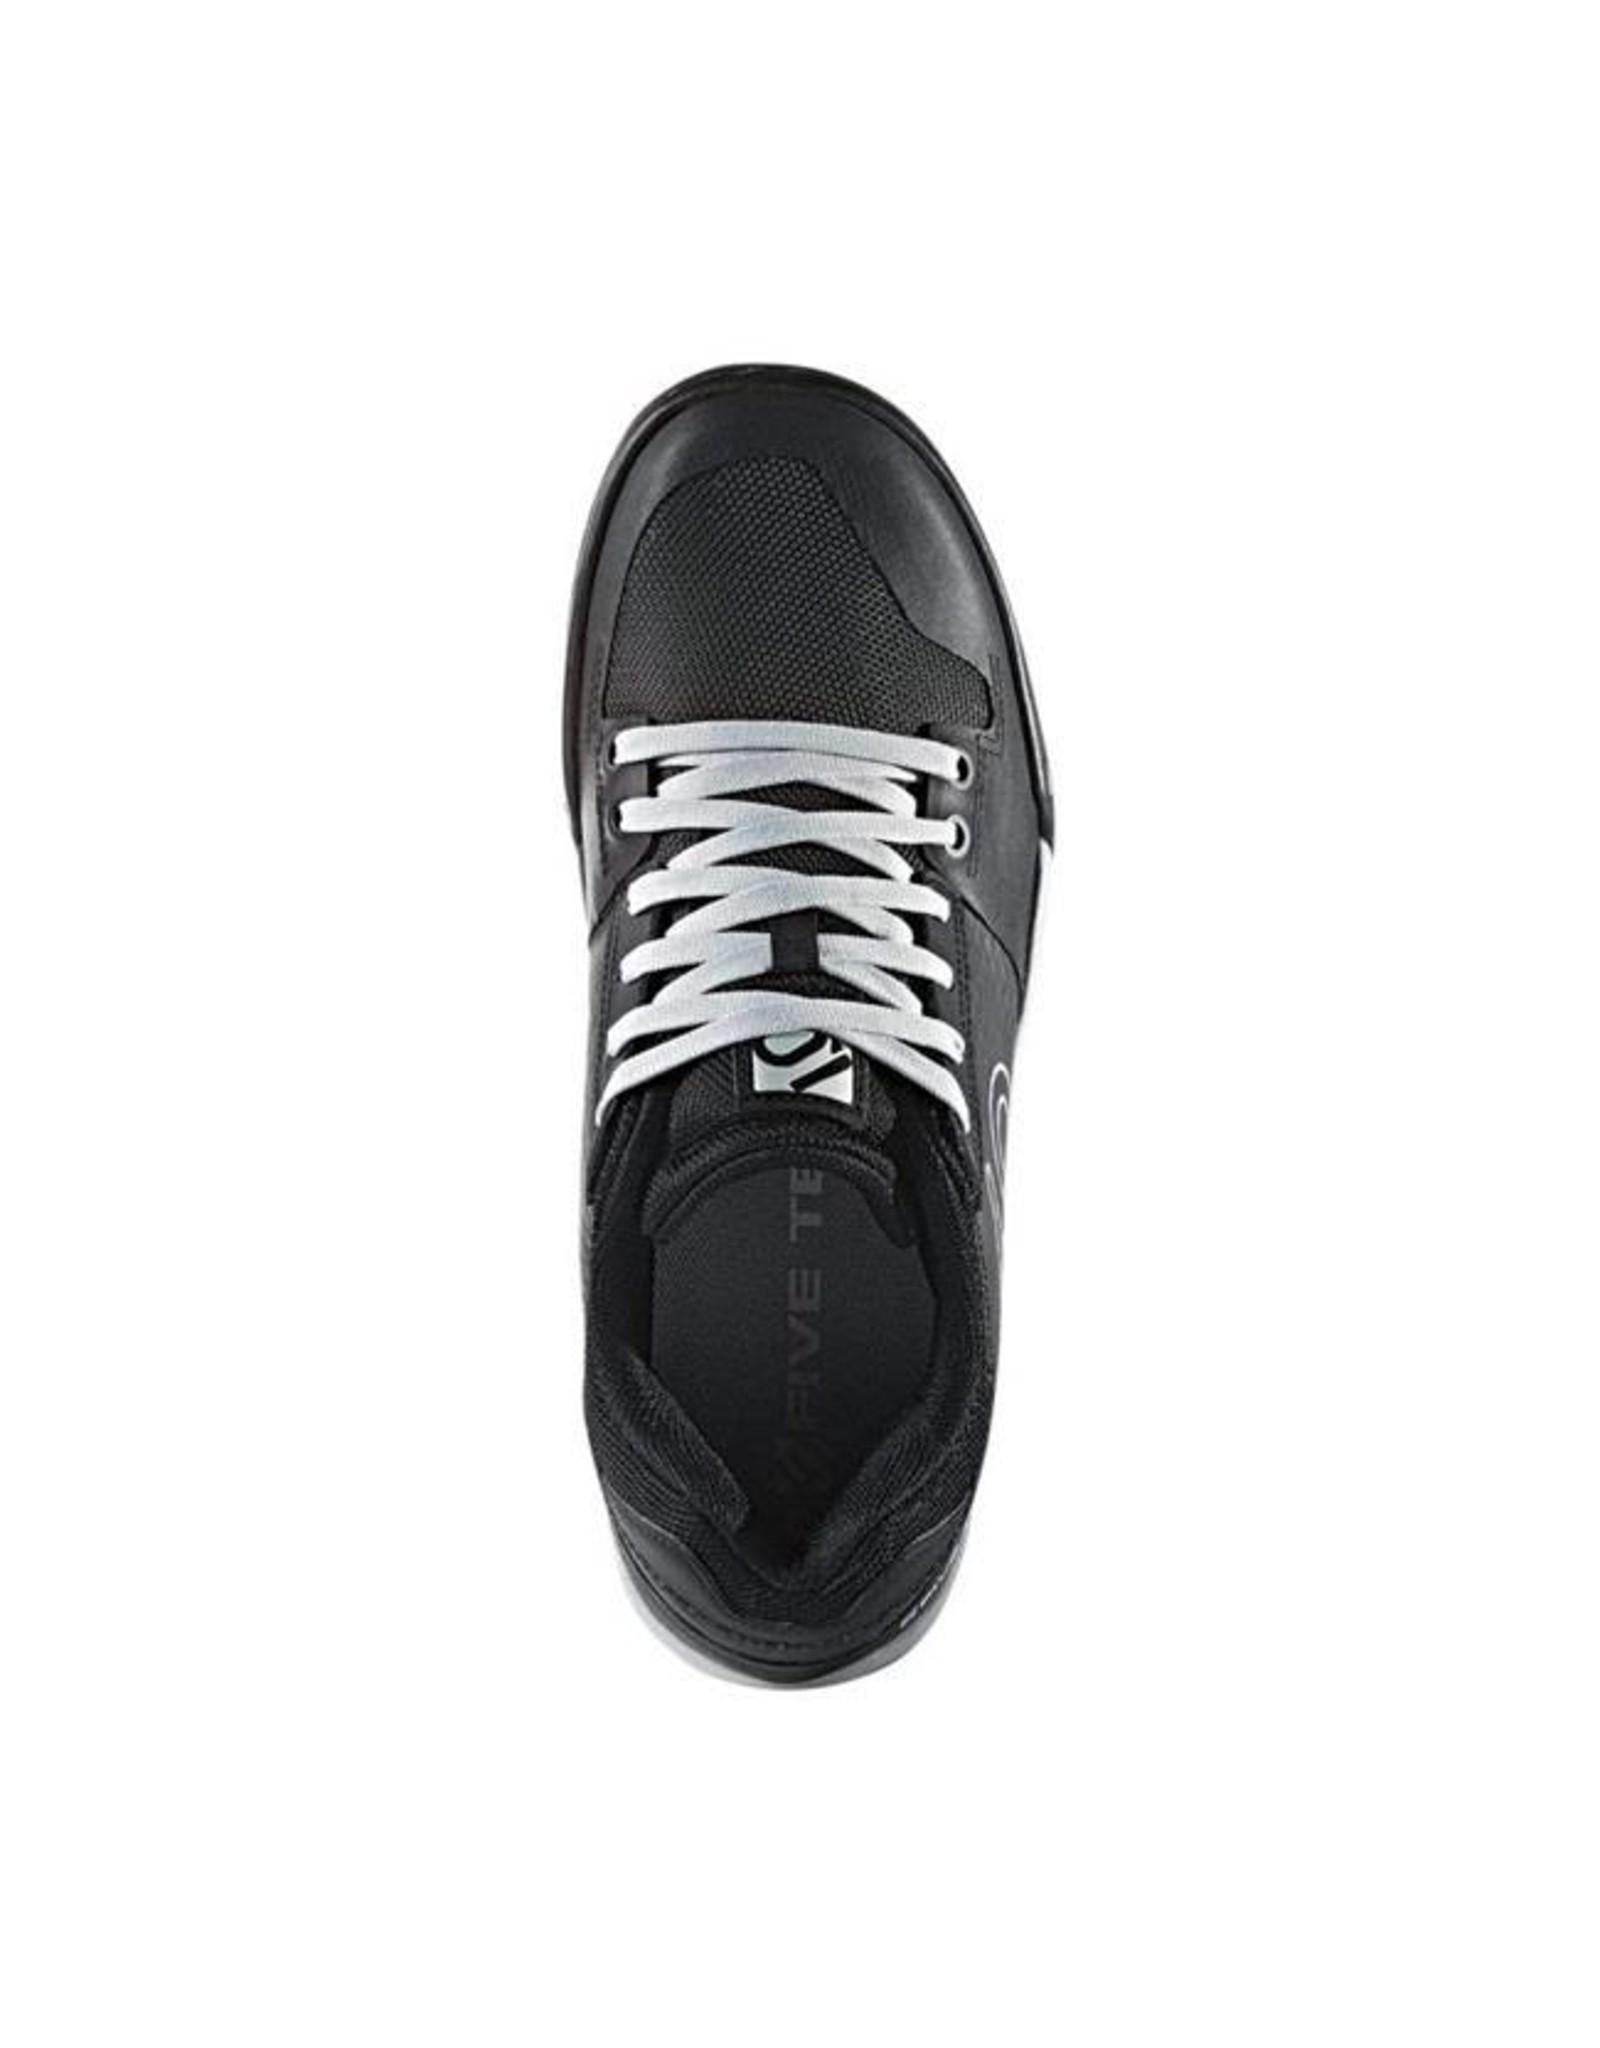 Five Ten Five Ten Freerider Contact Men's Flat Pedal Shoe: Split Black 7.5